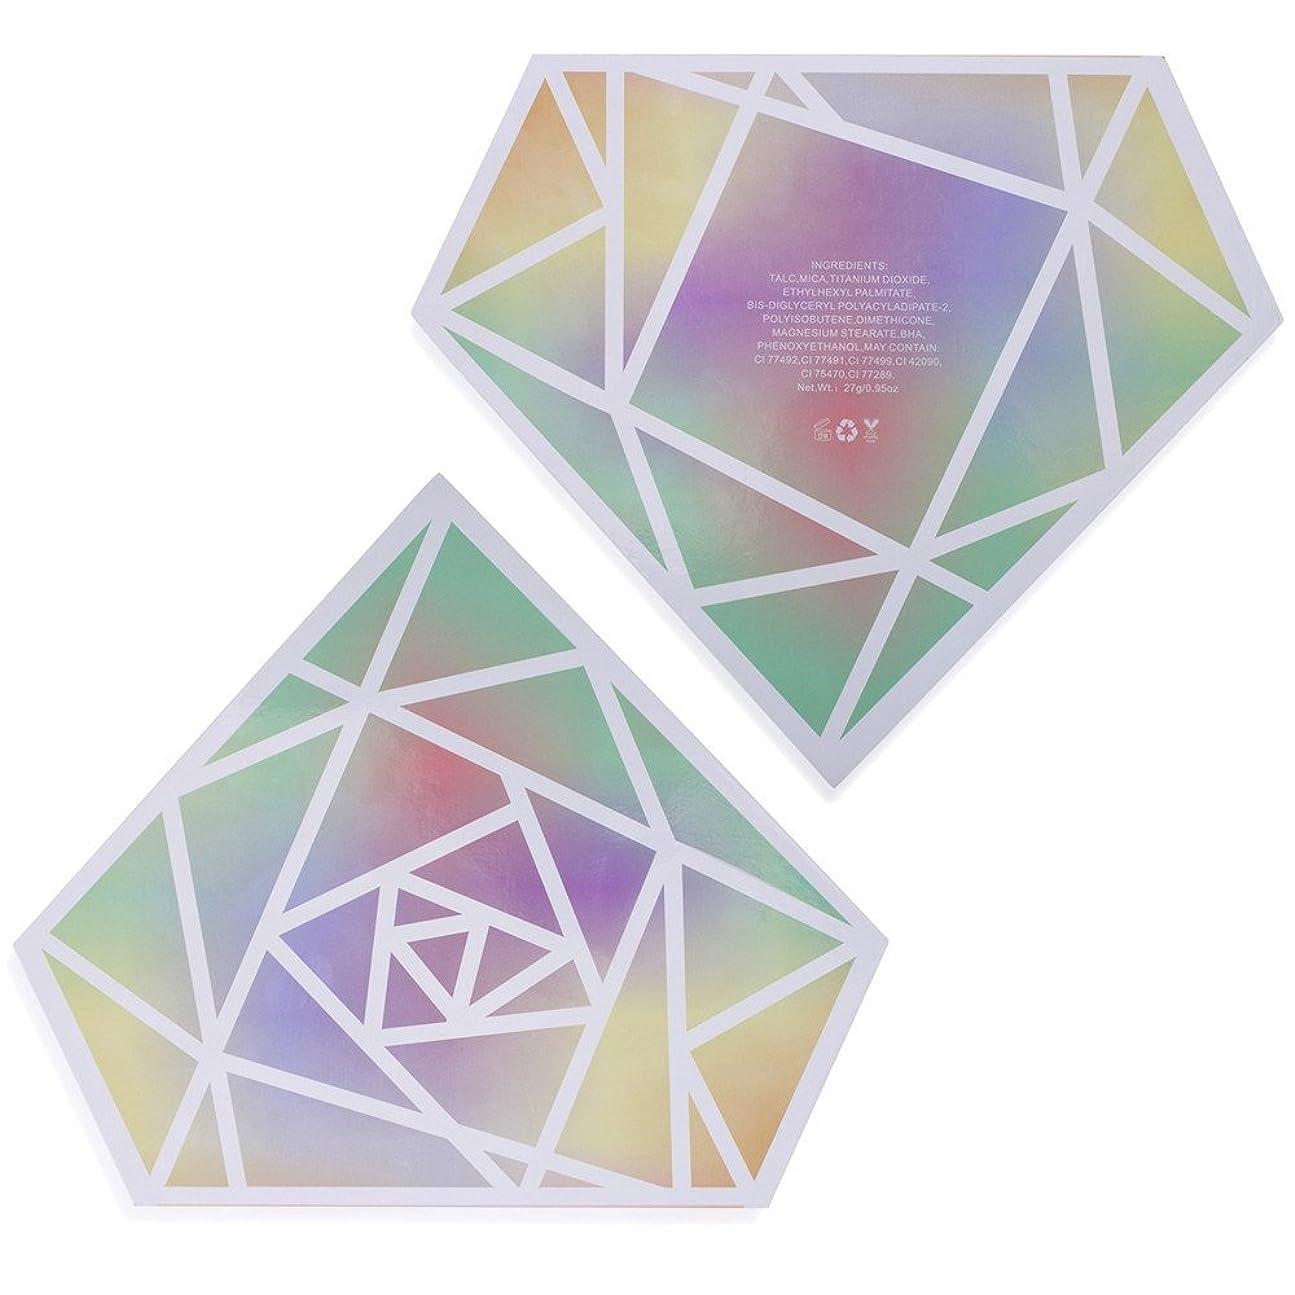 モスク極貧海賊Akane アイシャドウパレット ダイヤモンド 綺麗 スパンコール 真珠光沢 魅力的 ファッション 暖かい色 マット つや消し アースカラー 防水 チャーム 人気 長持ち おしゃれ 持ち便利 Eye Shadow (18色)